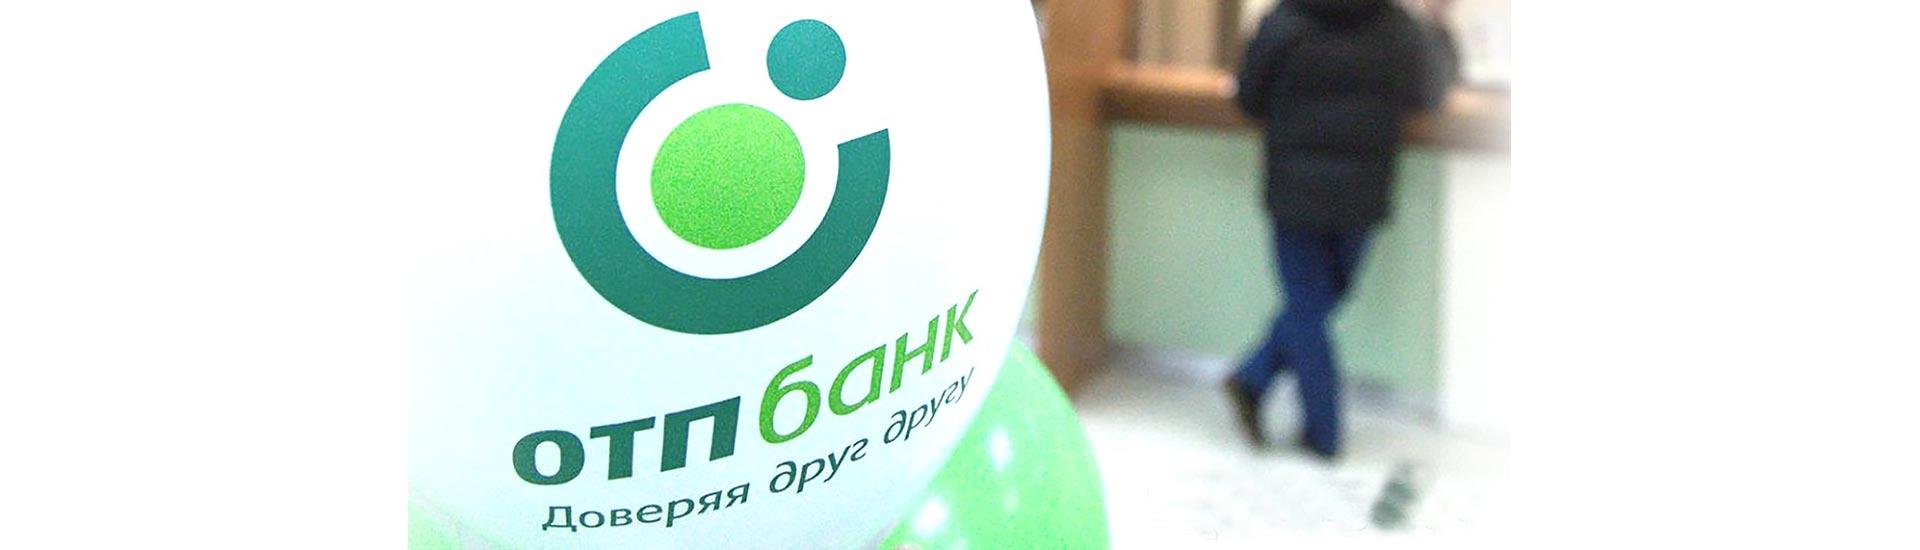 otp-bank-debetovaya-karta_7